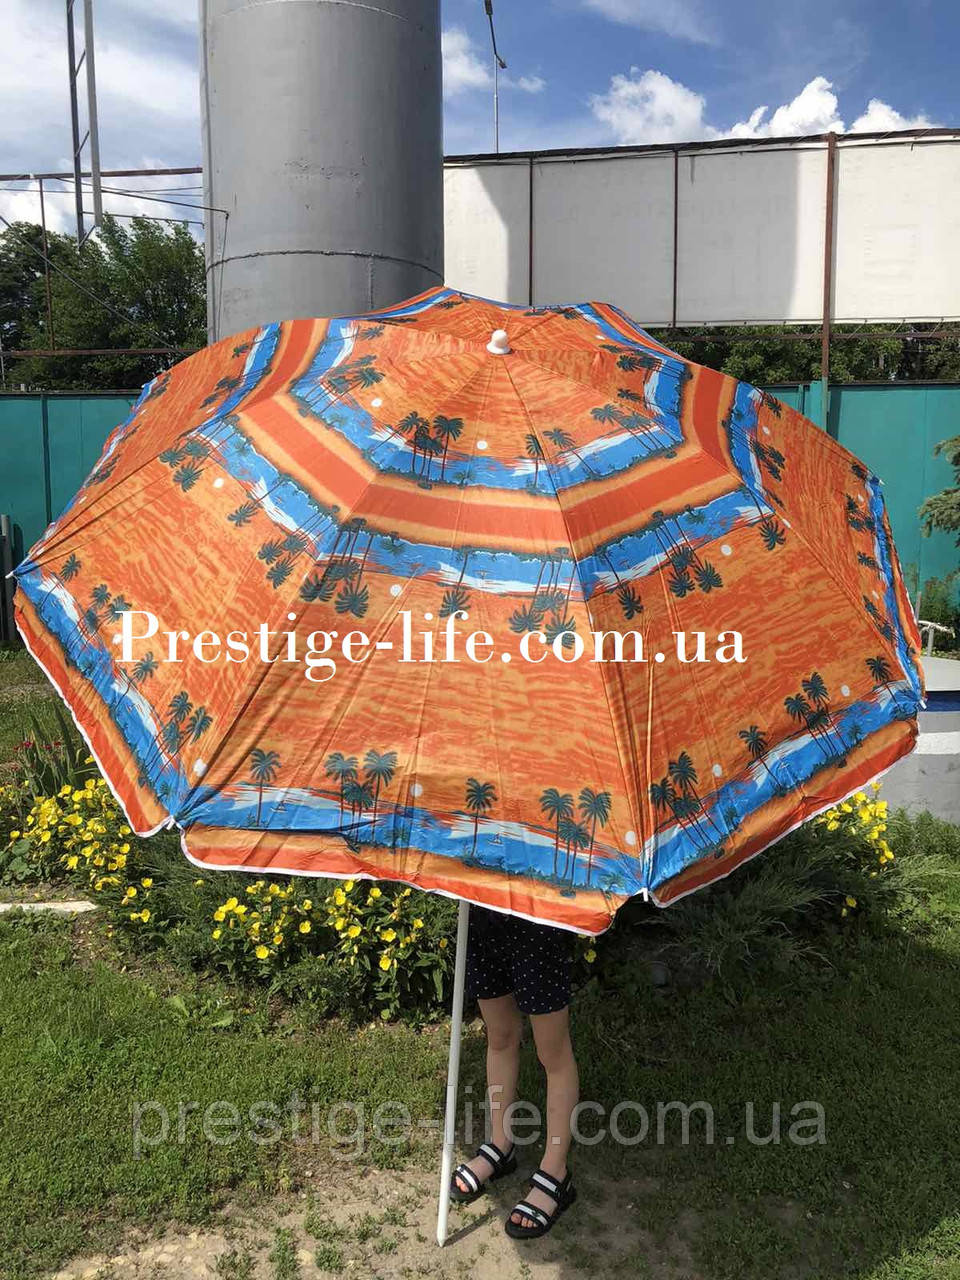 Зонт диаметром 1,7 м. Серебренное покрытие. Система ромашка. Пальмы, фон Оранжевый